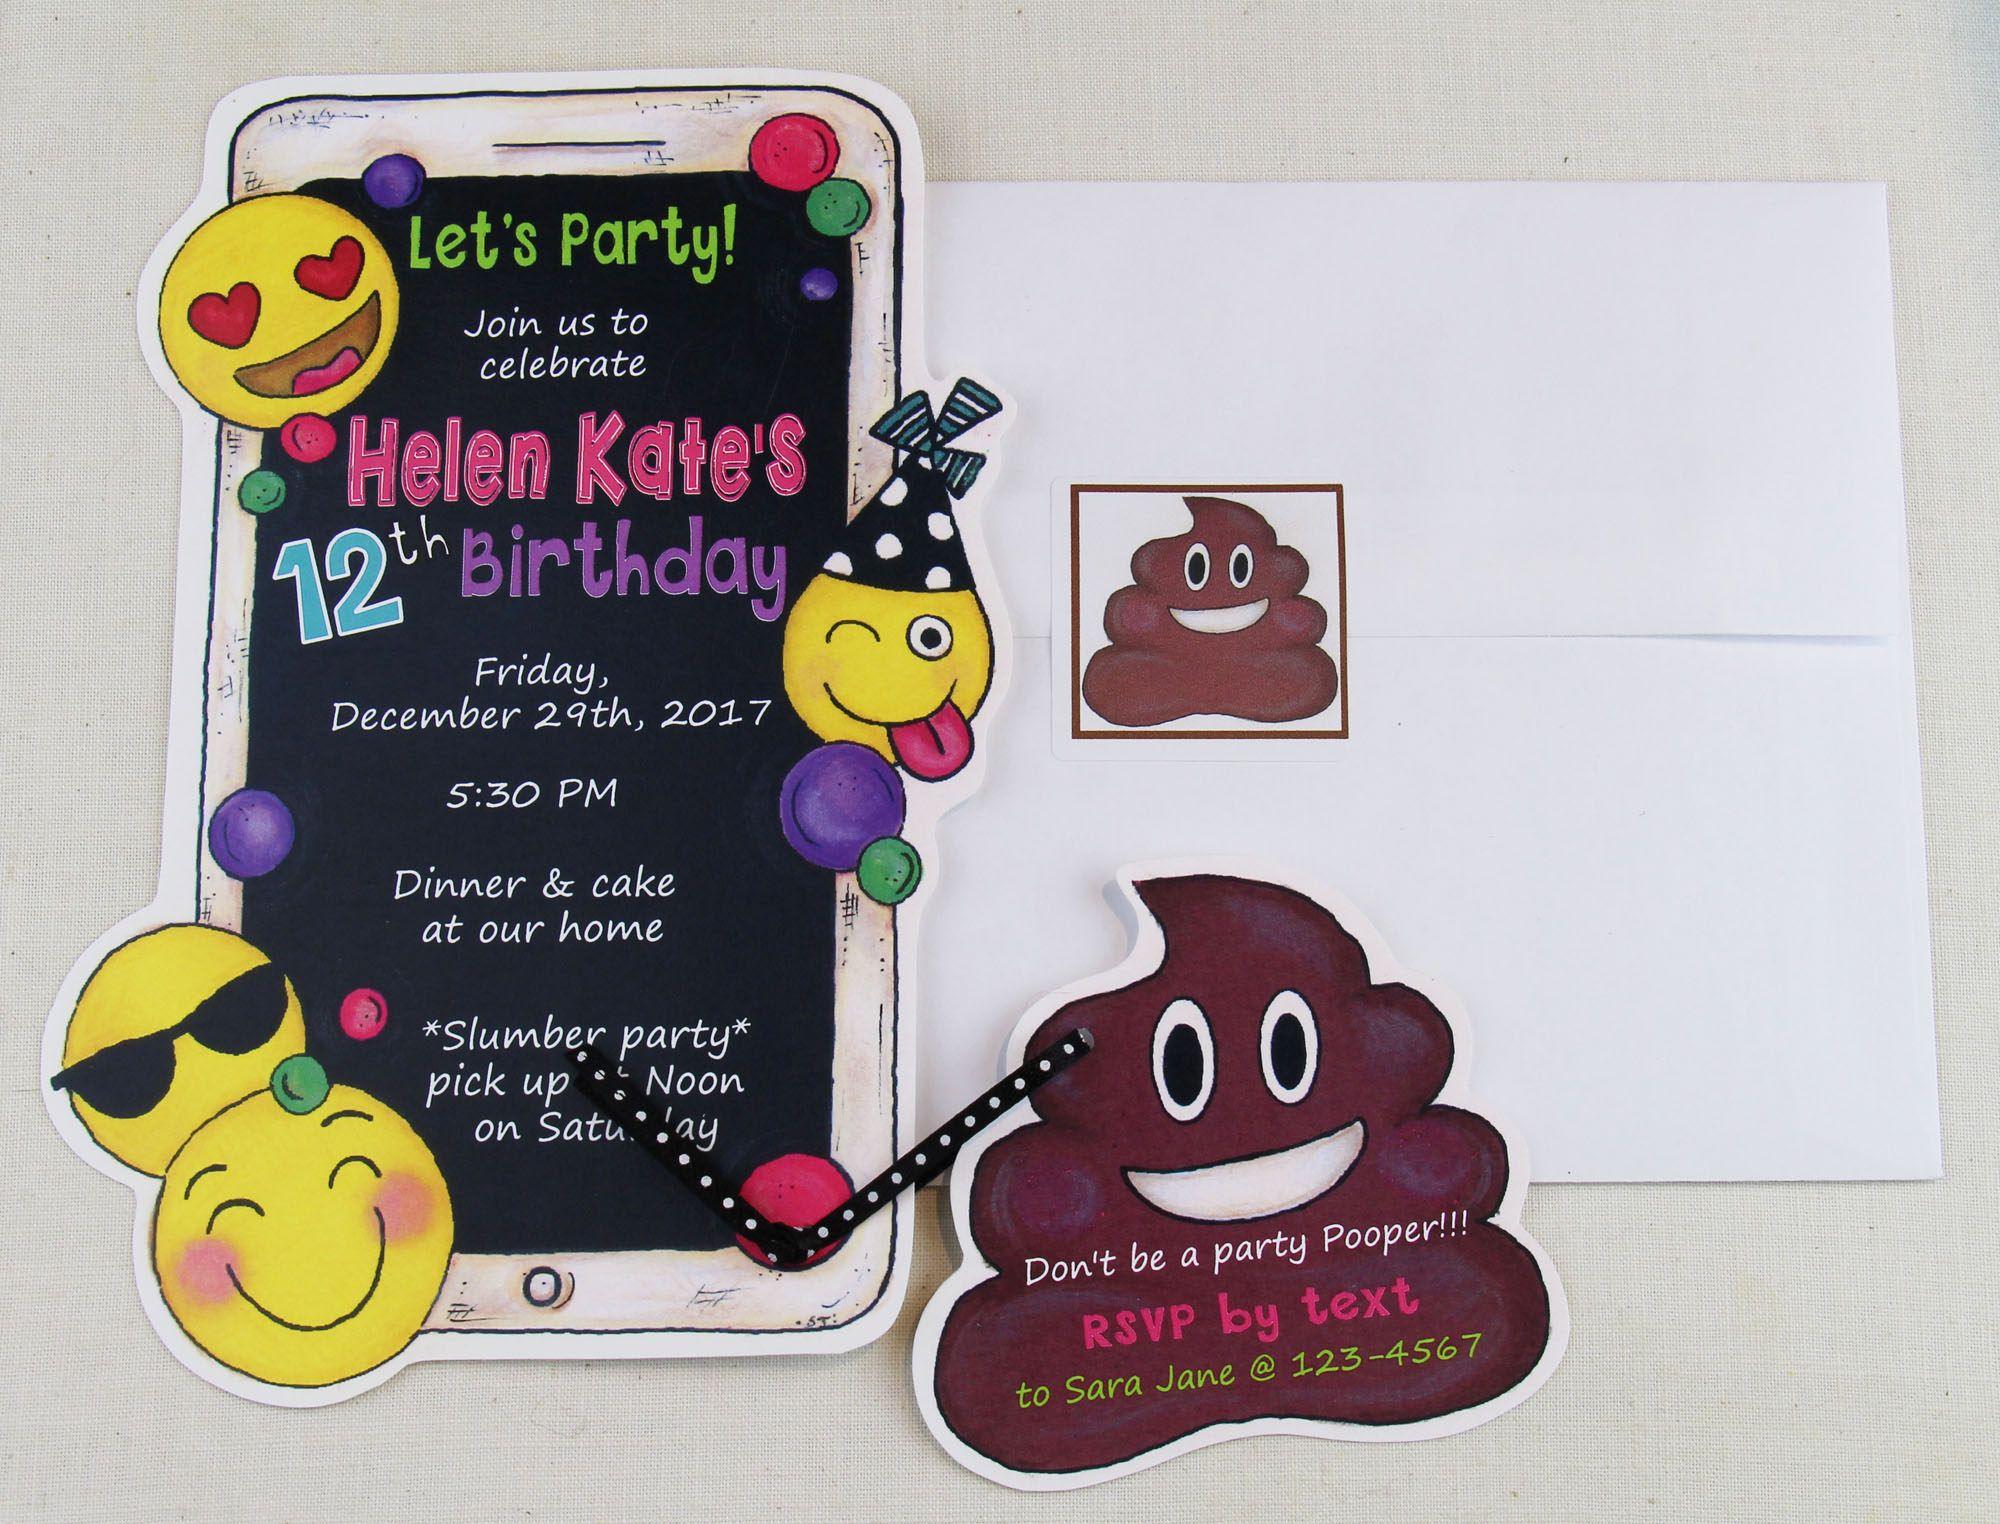 10 Emoji Birthday Party Invitations - Mobile Phone Birthday ...